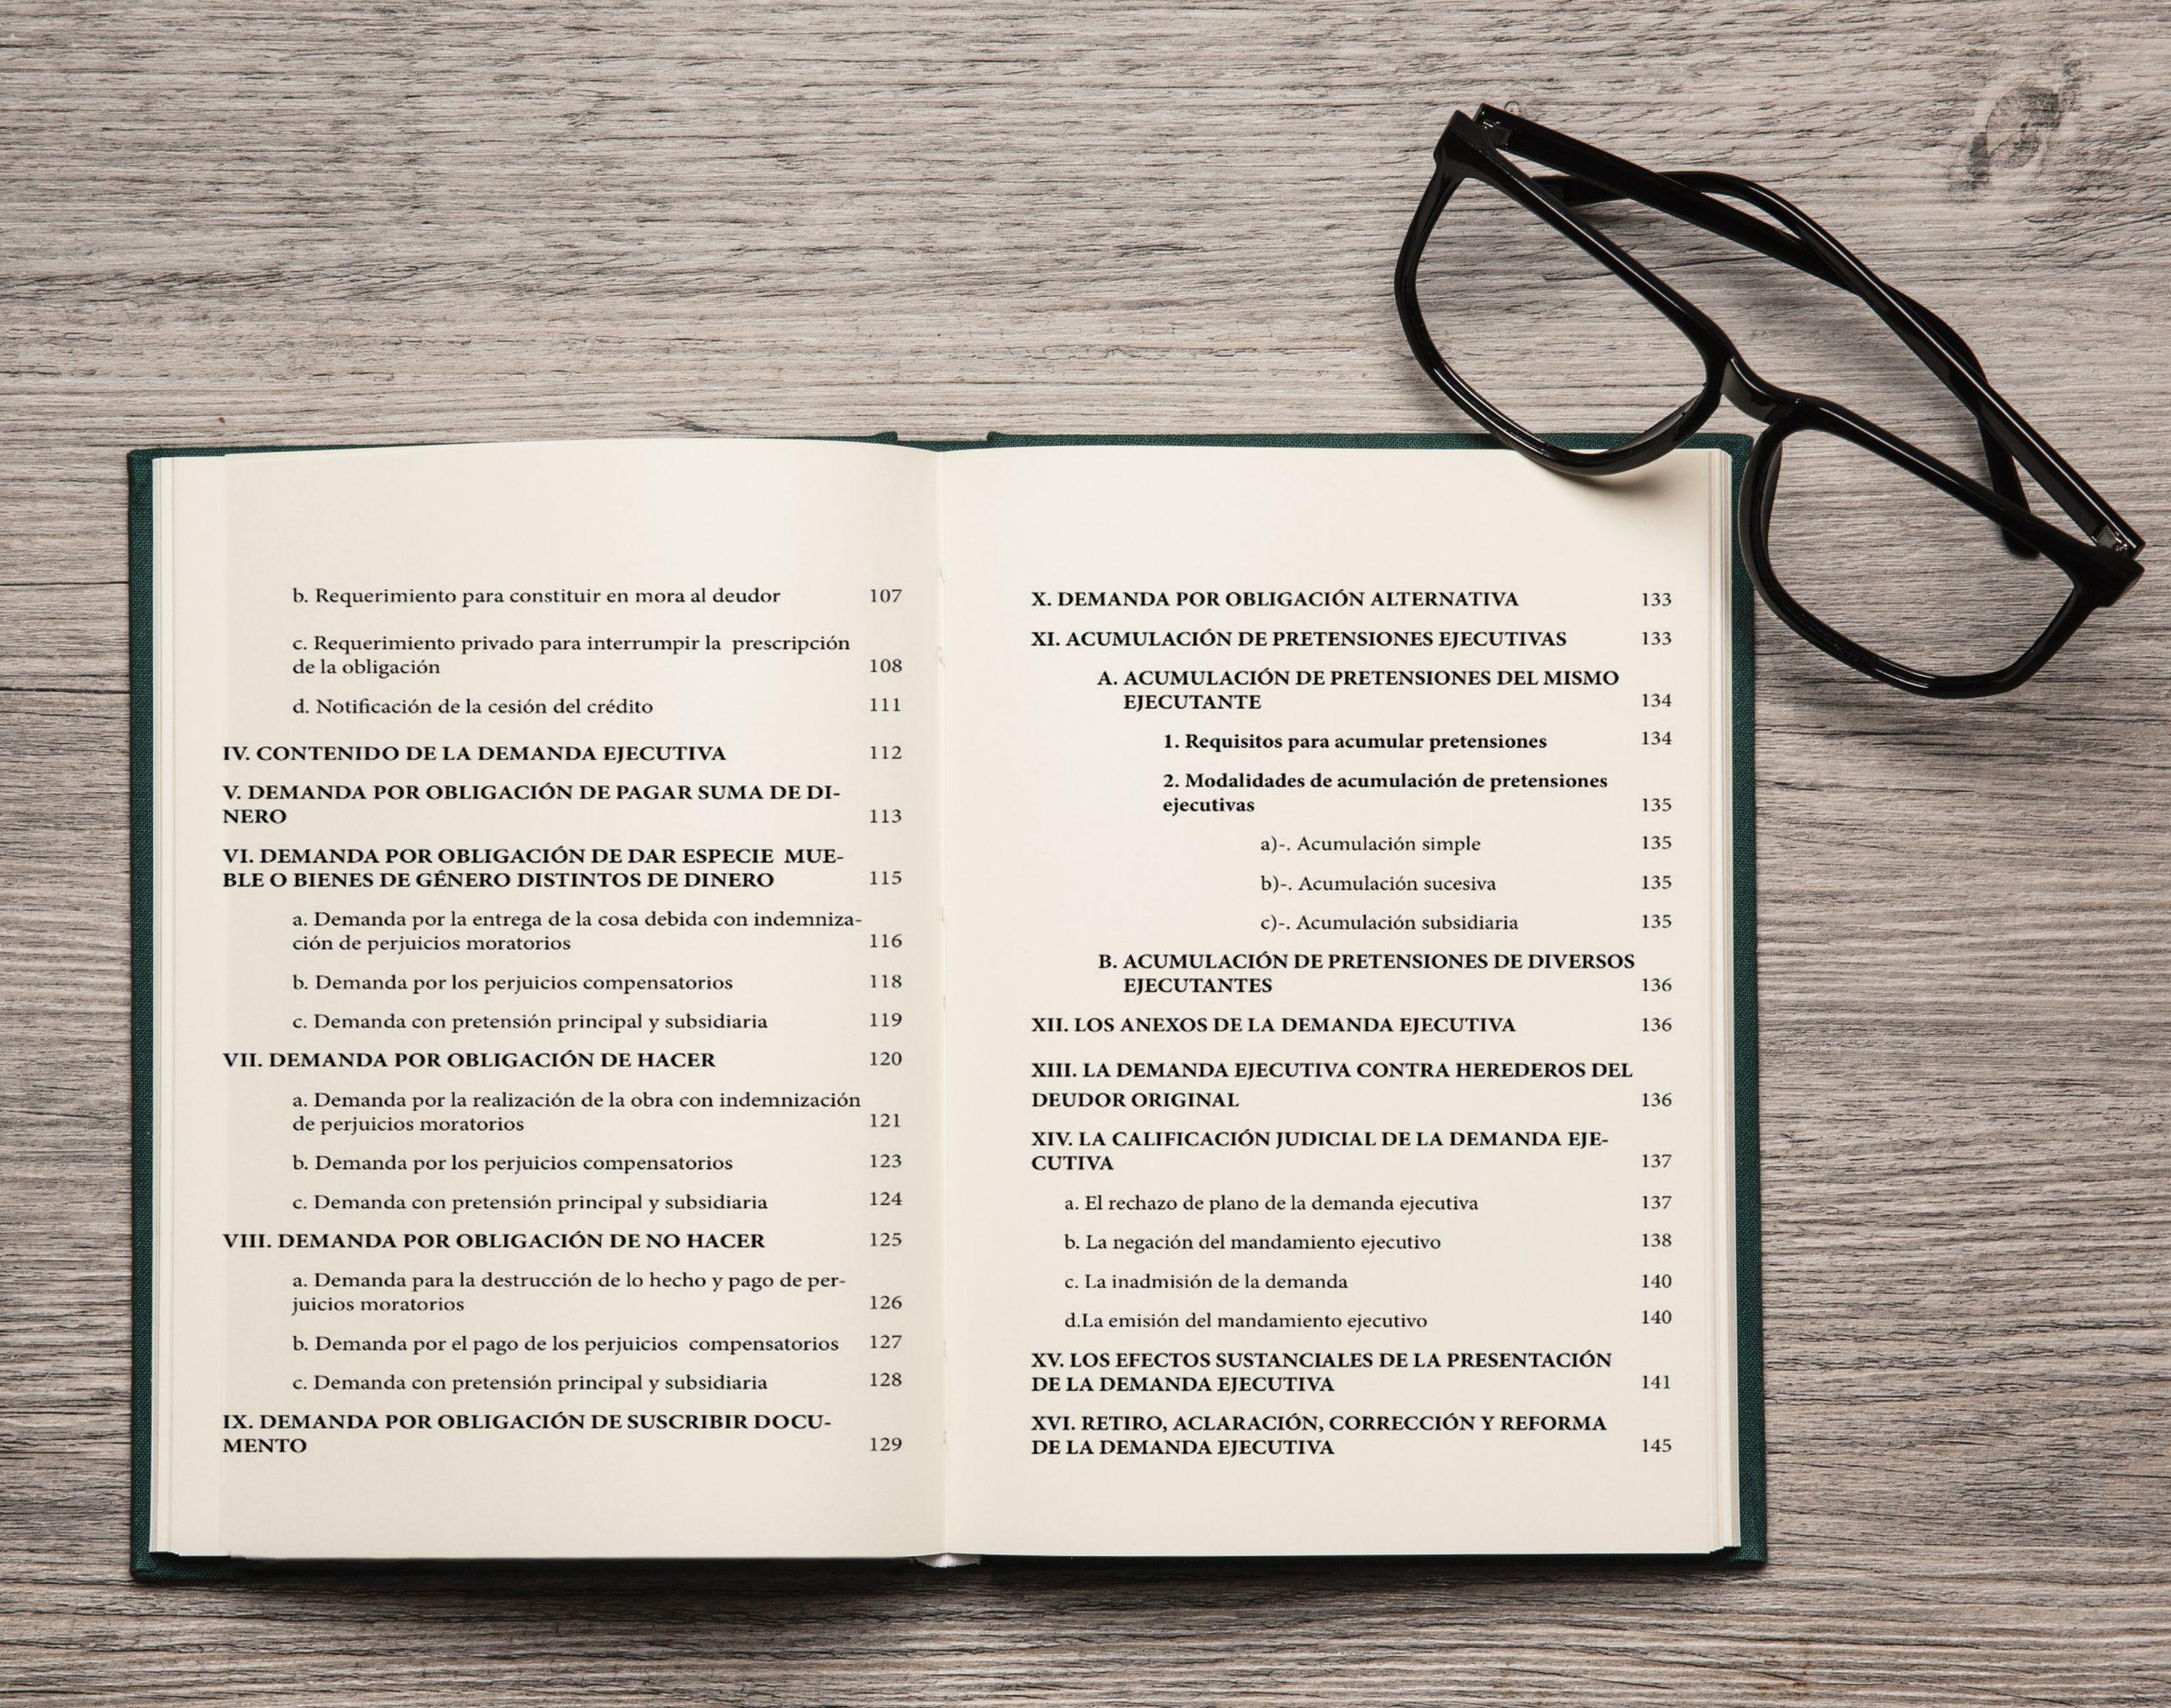 Lecciones de derecho procesal tomo 5 esaju for Almacen de derecho